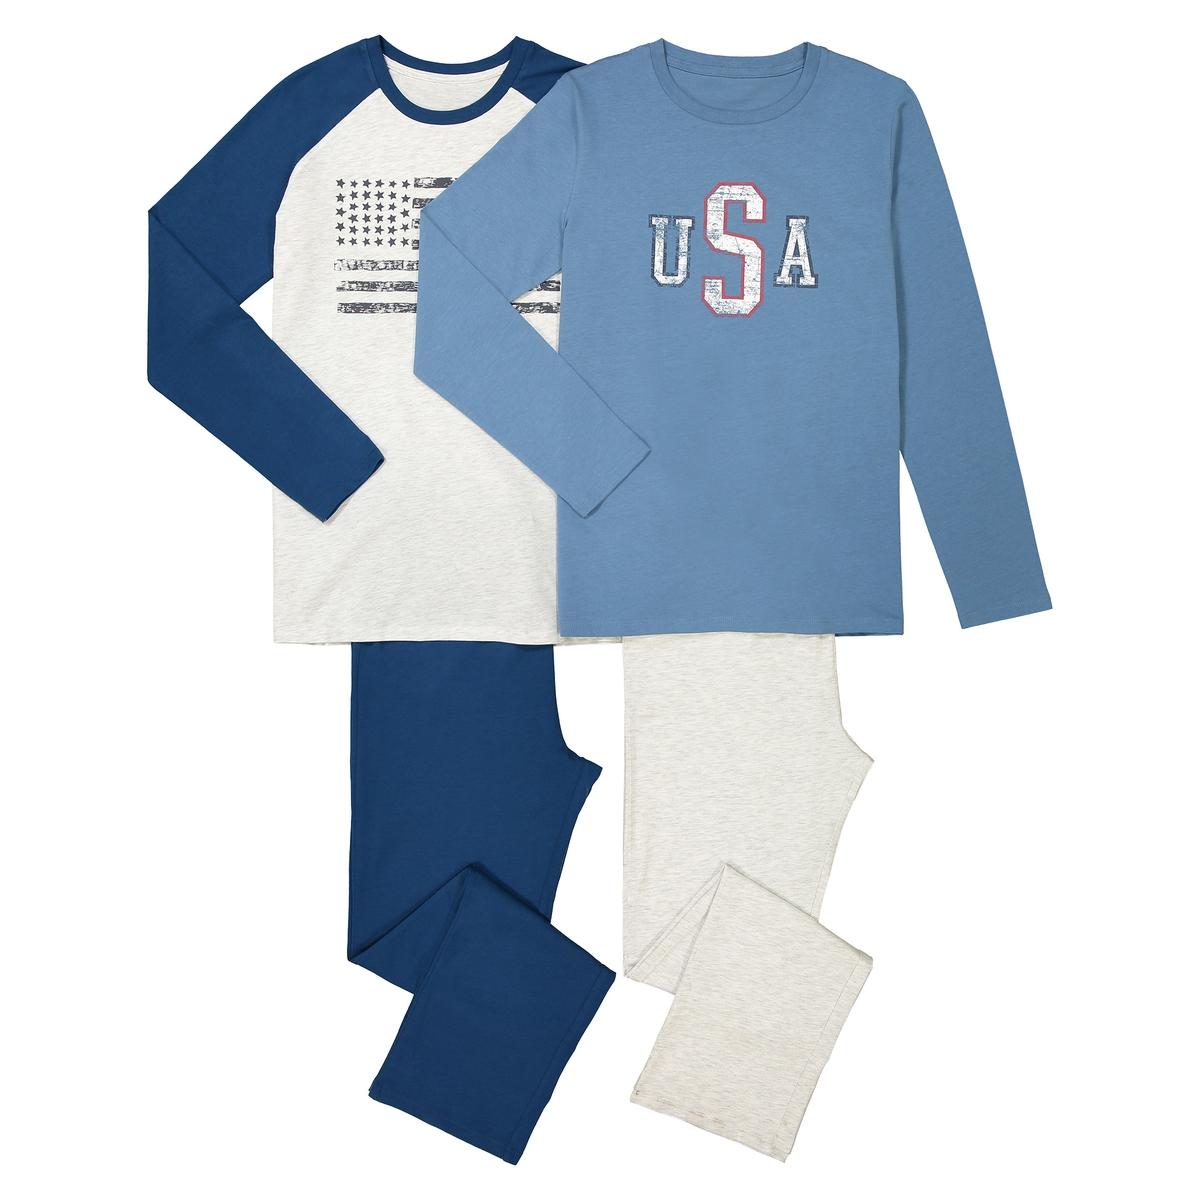 Pijama em algodão, 10-16 anos (lote de 2)